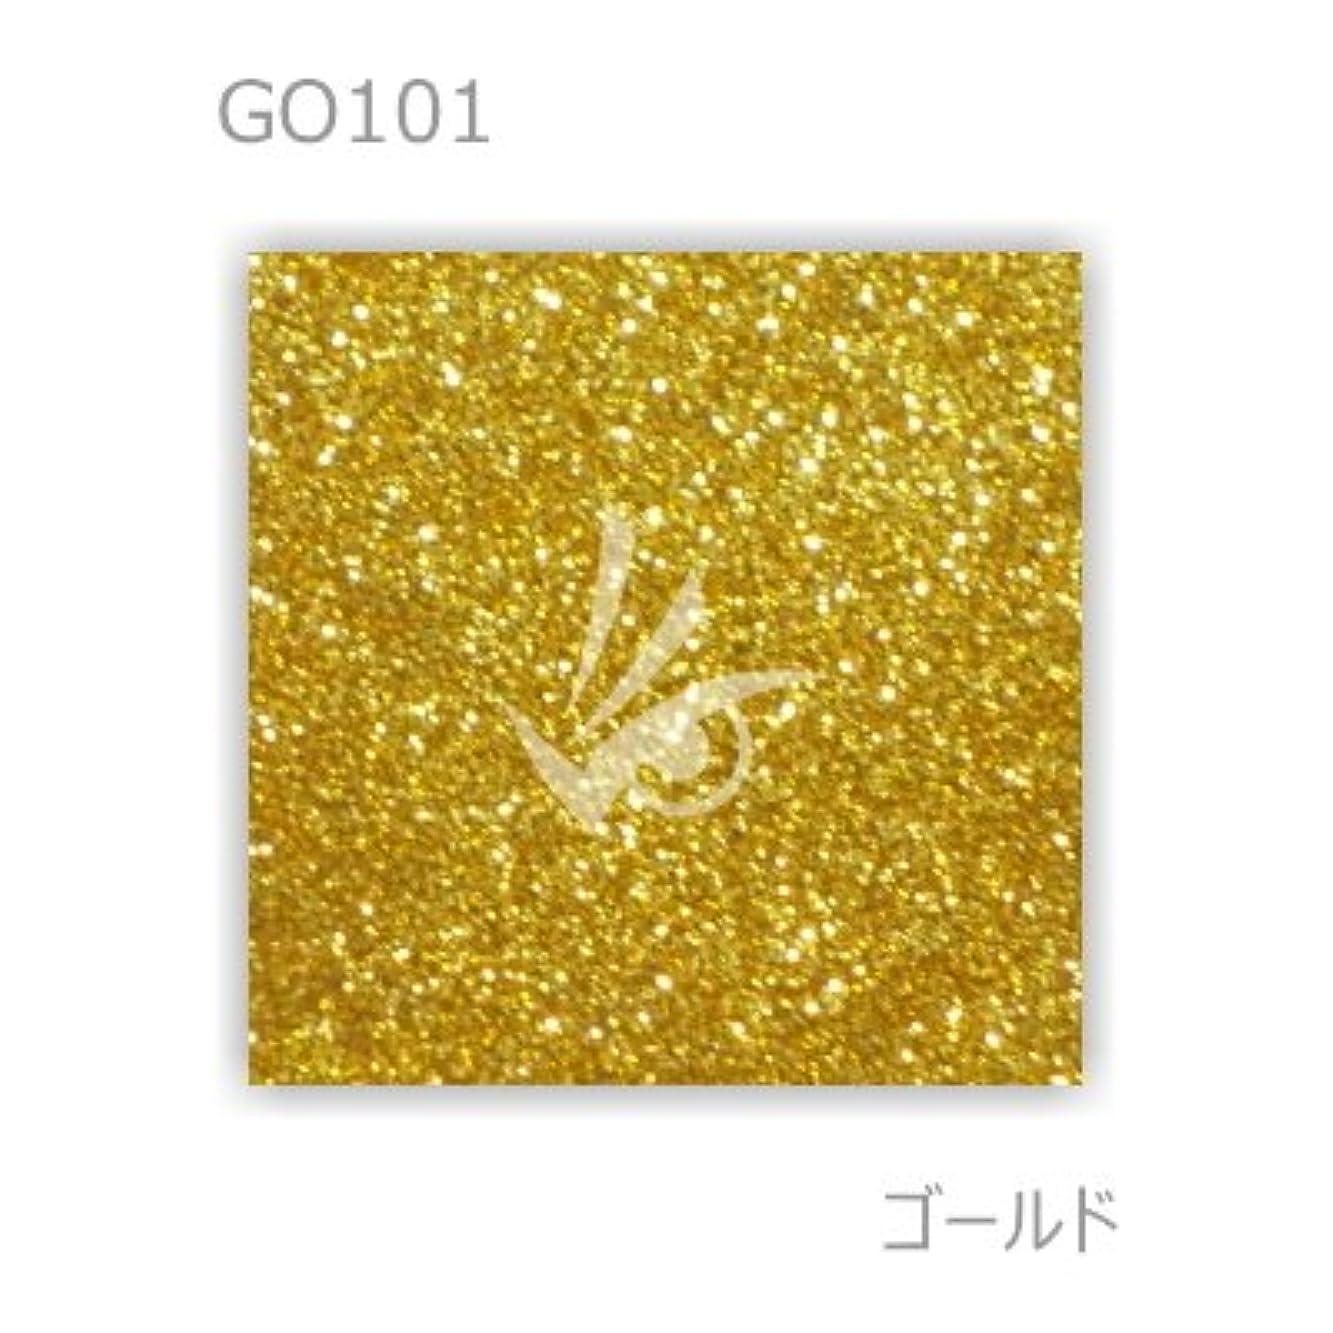 距離オペレーター塩業務用 グリッター ラメパウダー ホログラム (ゴールド) (500g) (0.2mm)